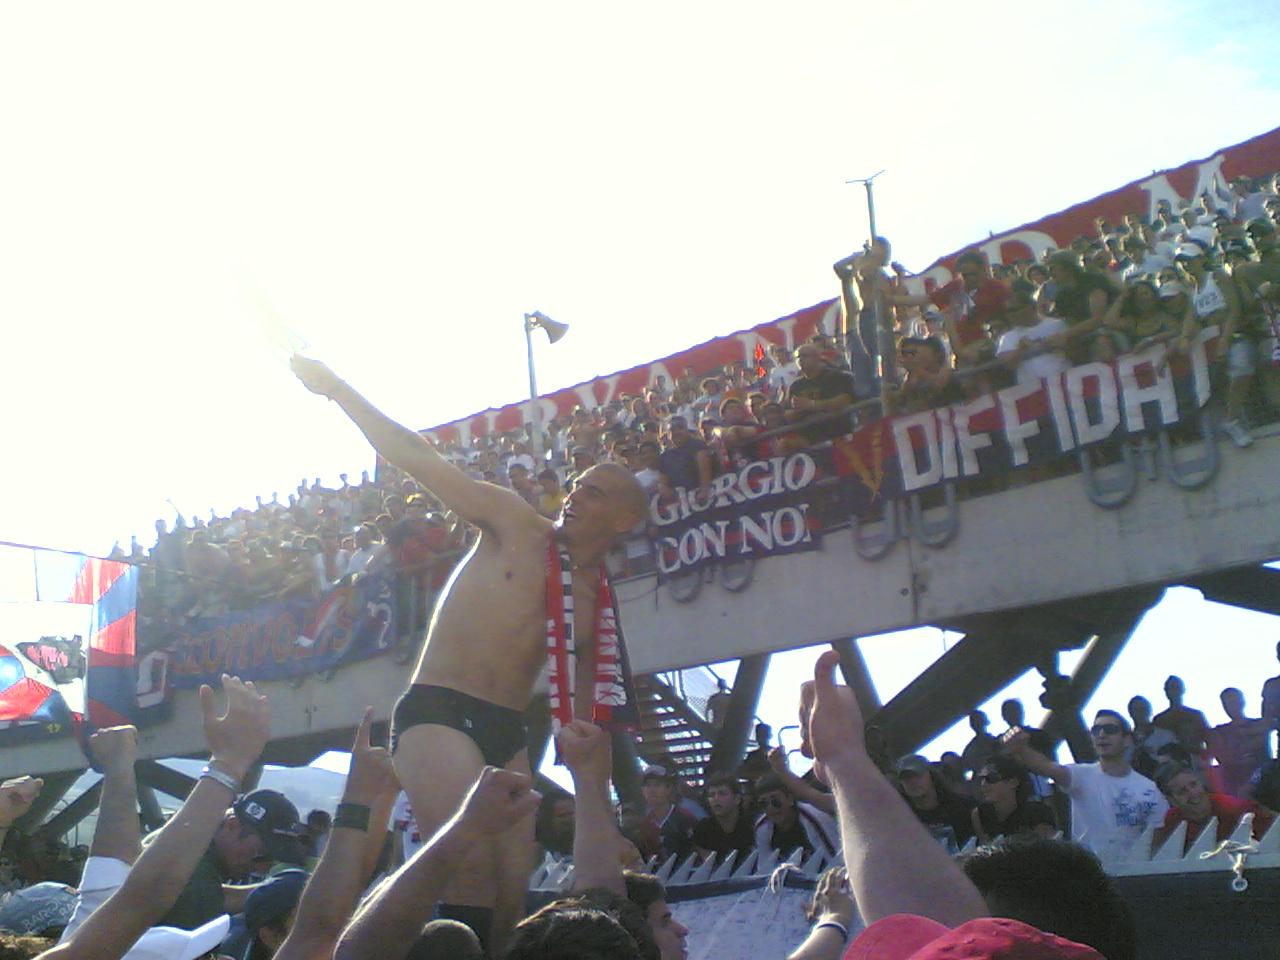 Macaluso festeggia con i tifosi la miracolosa salvezza della Samb nel 2006